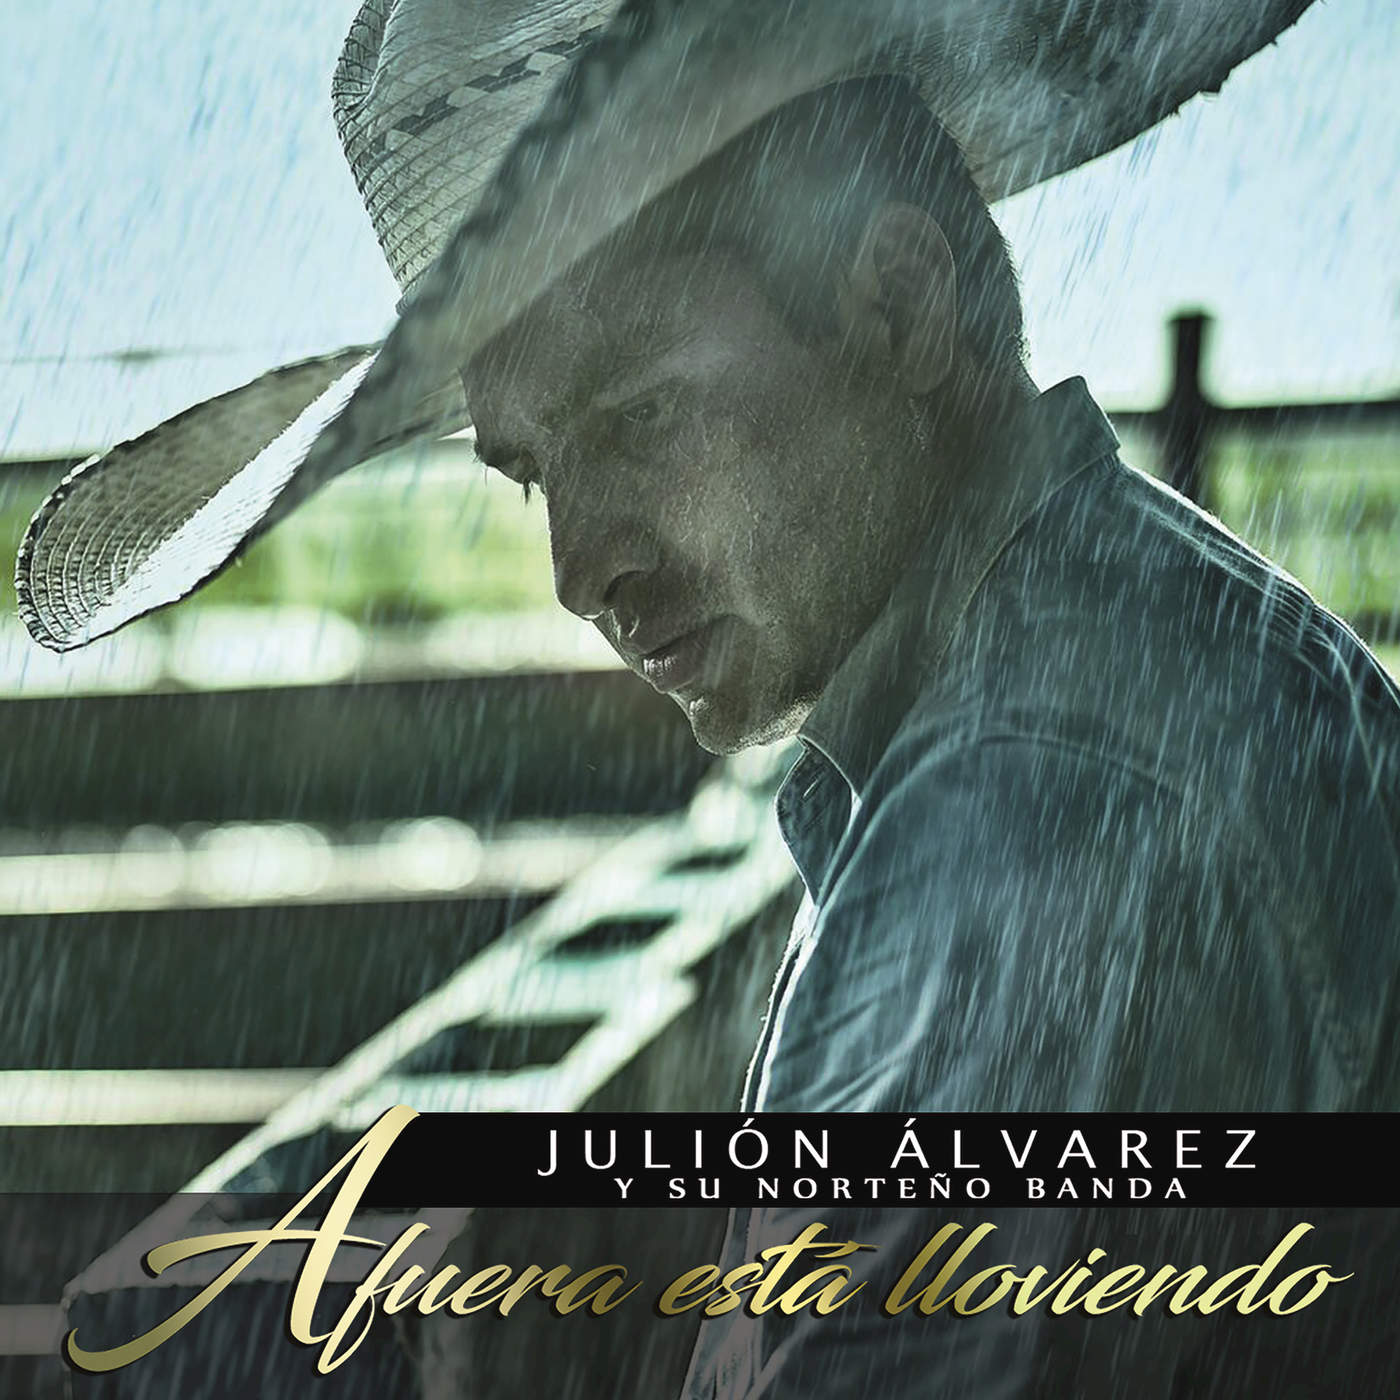 Descargar Musica De Pancho Barraza Mp3 Gratis Download